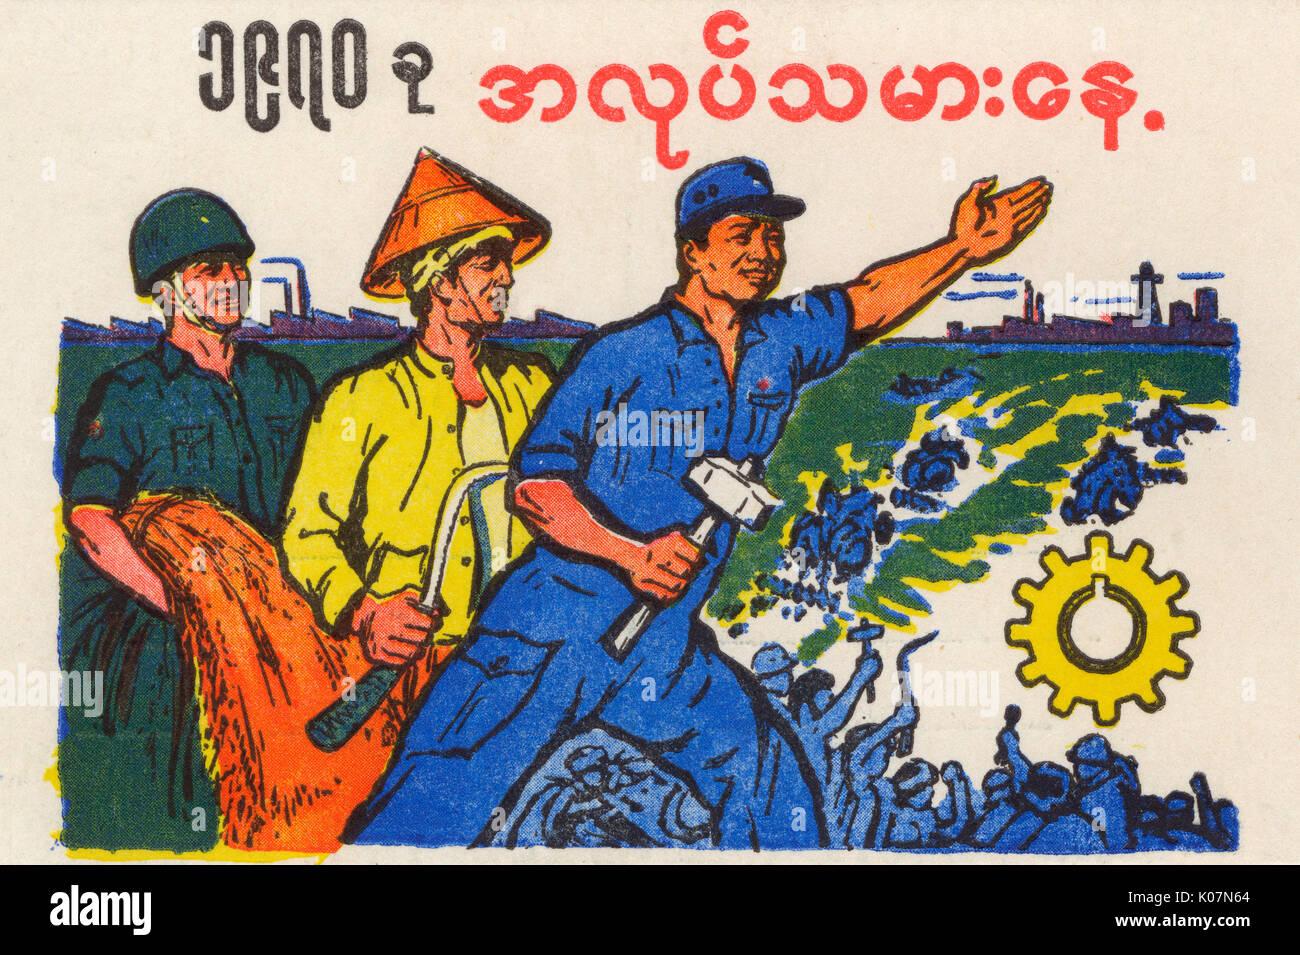 """Birmanie (Myanmar) maintenant - carte postale de propagande socialiste, dès les premières années de l'État socialiste en Birmanie. La carte semble être montrant une bonne unité entre un soldat représentant l'armée (c'est le régime militaire de Ne Win qui a pris le pouvoir dans un coup d'État en 1962), les agriculteurs ruraux et d'un travailleur d'usine. La BSPP (parti du Programme socialiste birman) préconisé un programme de la ';Voie birmane vers le socialisme"""", qui consacre les deux influences bouddhistes et communiste. Date: vers 1963 Banque D'Images"""